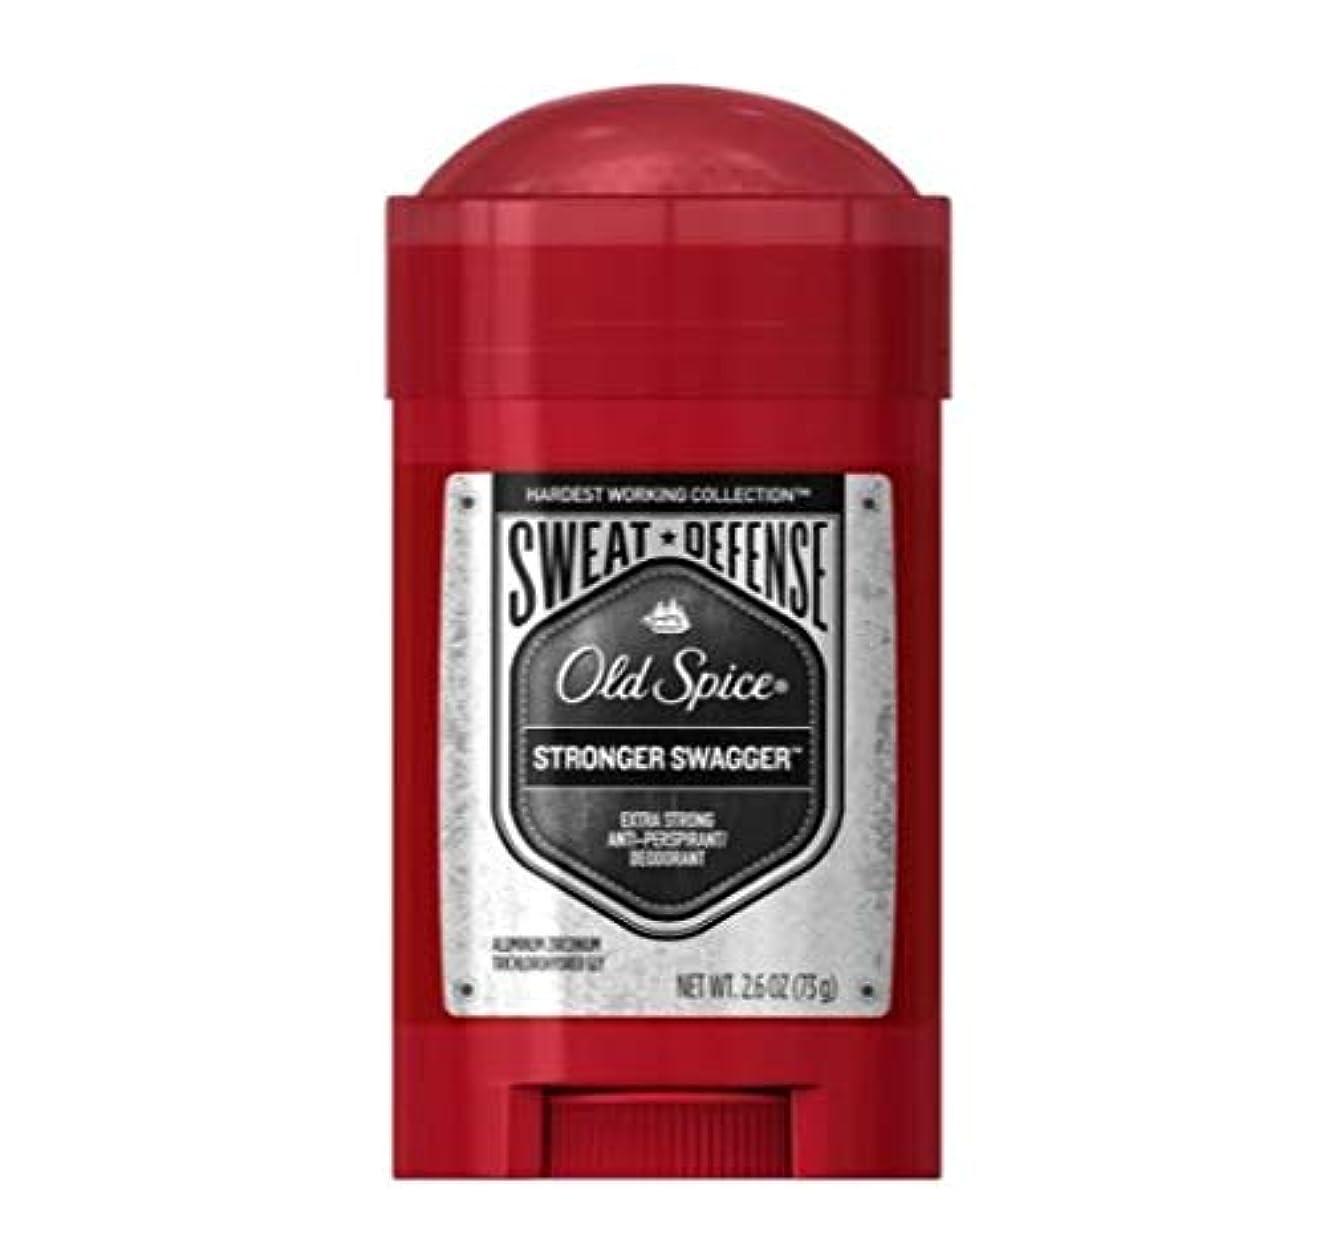 謝るレプリカアフリカOld Spice Hardest Working Collection Sweat Defense Stronger Swagger Antiperspirant and Deodorant - 2.6oz オールドスパイス ハーデスト ワーキング コレクション スウェット ディフェンス ストロンガー スワッガー デオドラント 73g [並行輸入品]